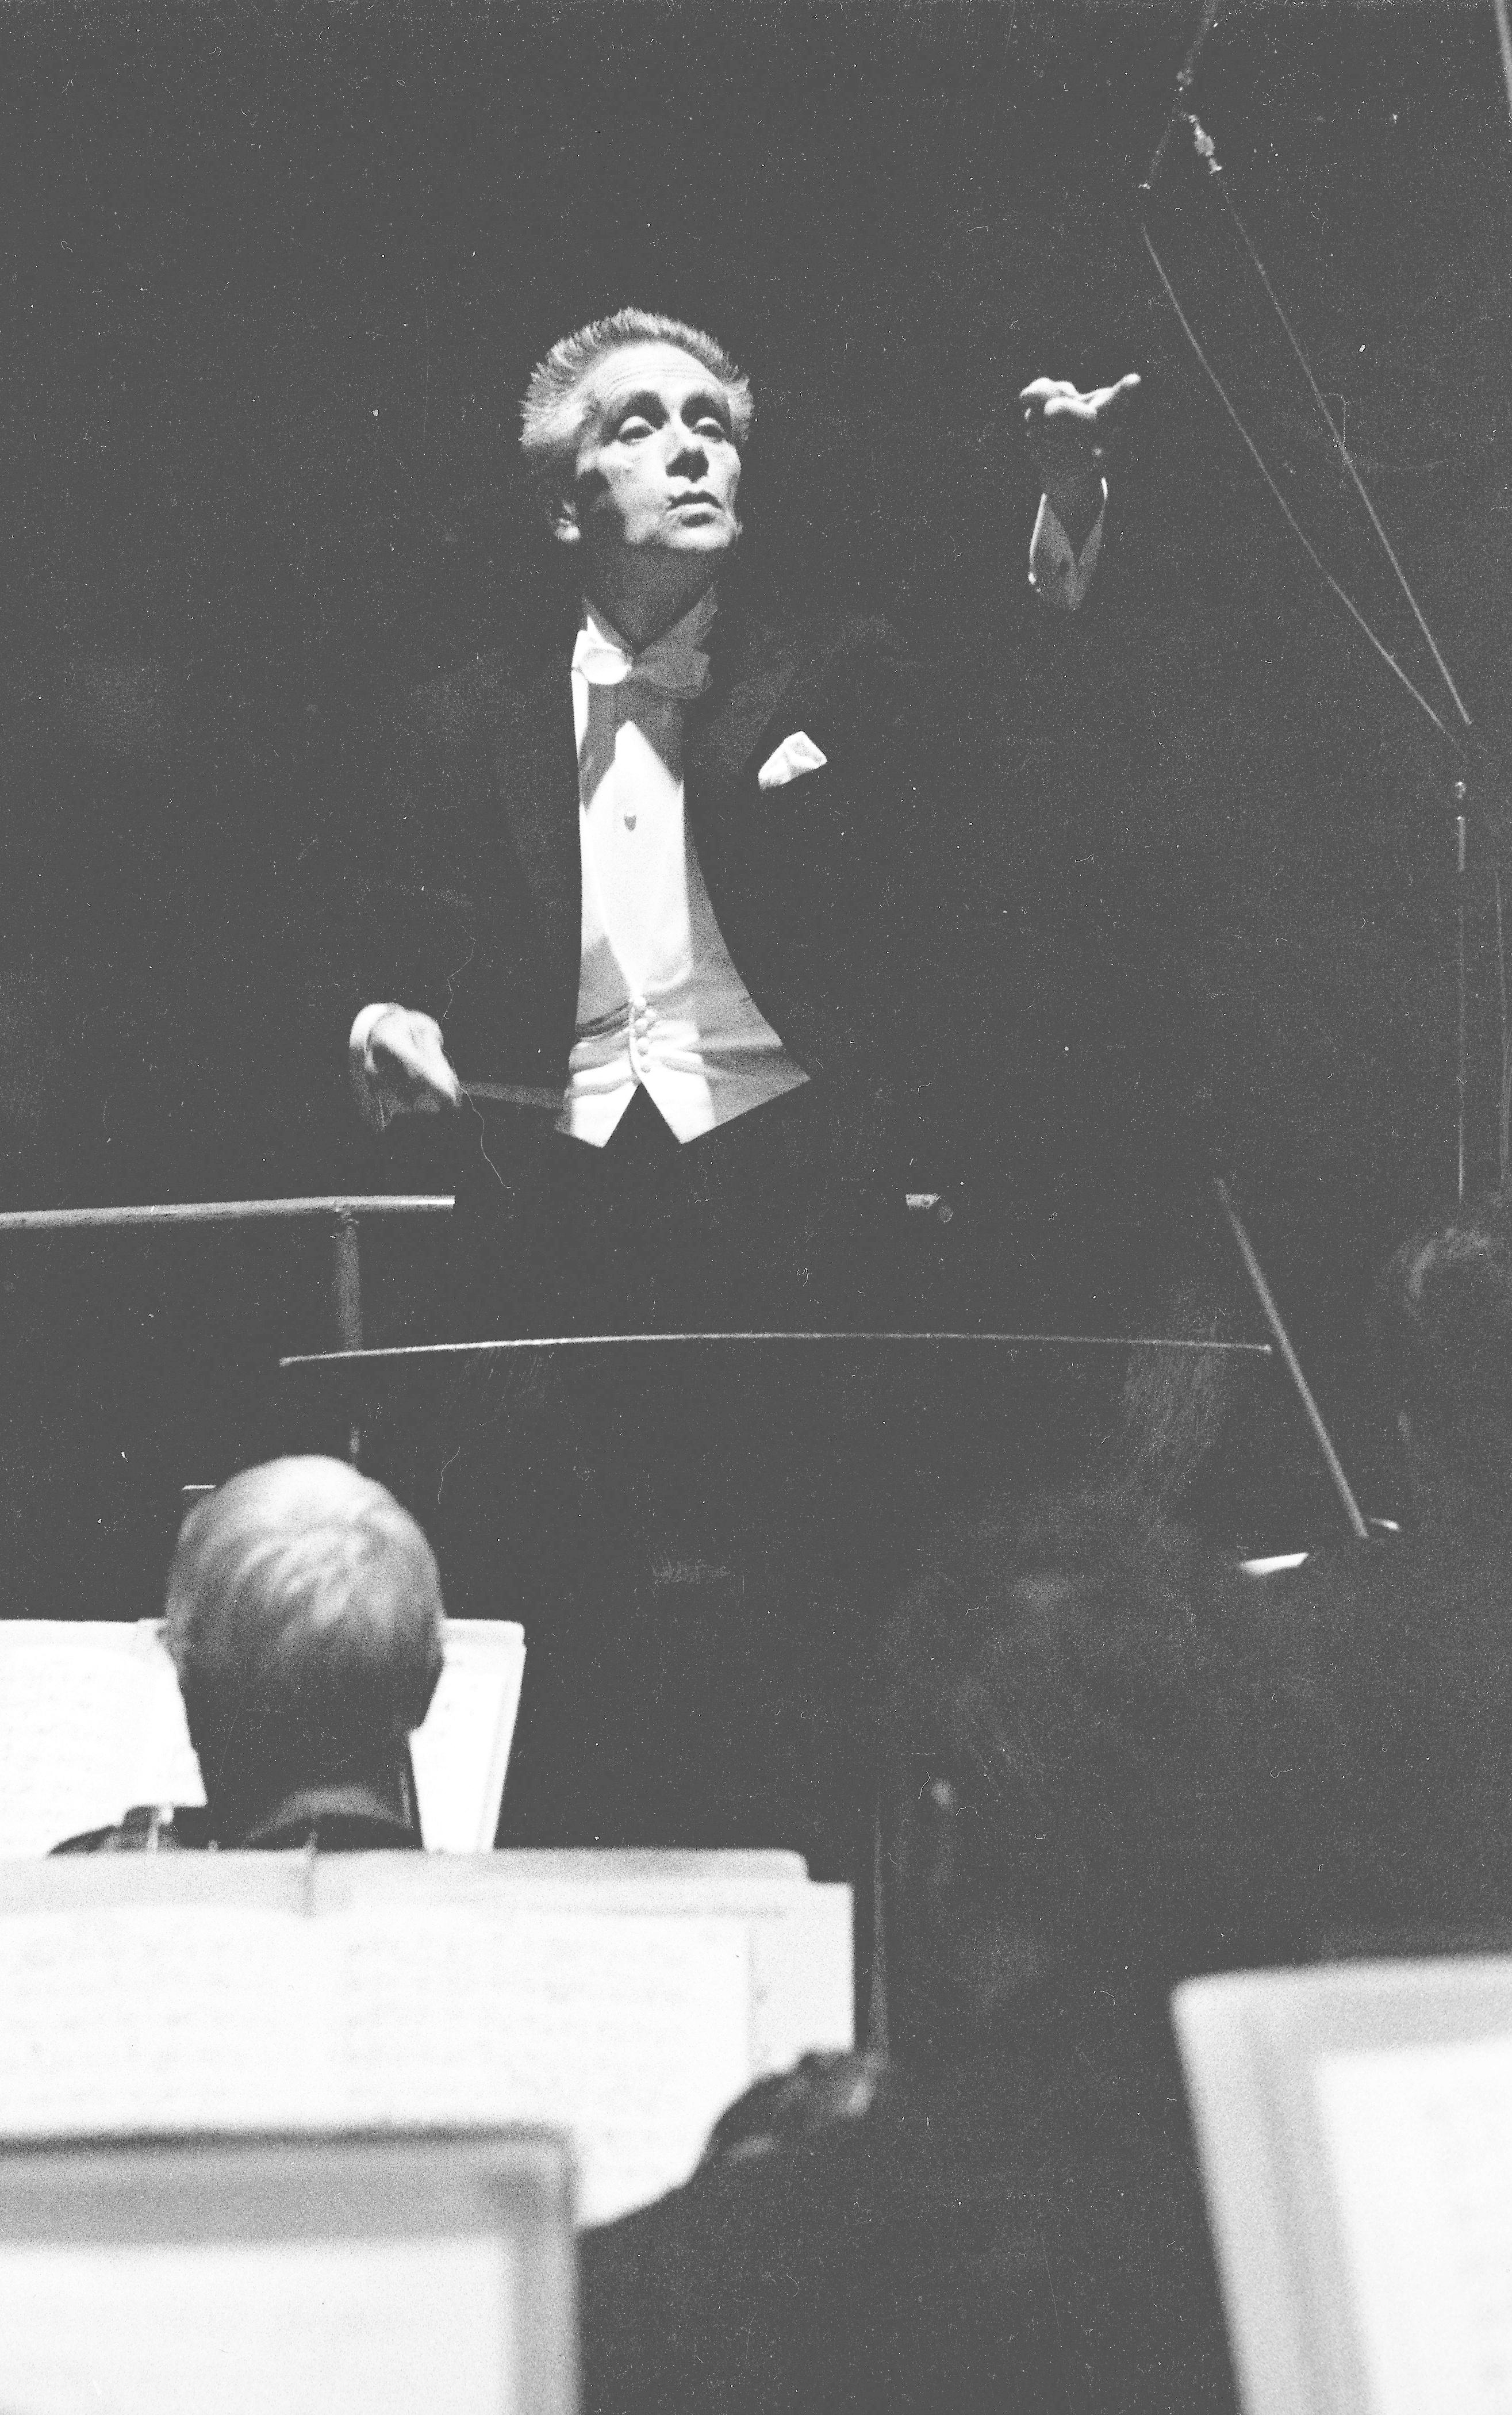 1964, Victor Desarzens dirigeant son Orchestre de Chambre de Lausanne. Extrait d'une photographie de Patrice Tourenne, Paris. Utilisée ici avec l'aimable autorisation de sa fille Martine Desarzens, tous droits réservés.